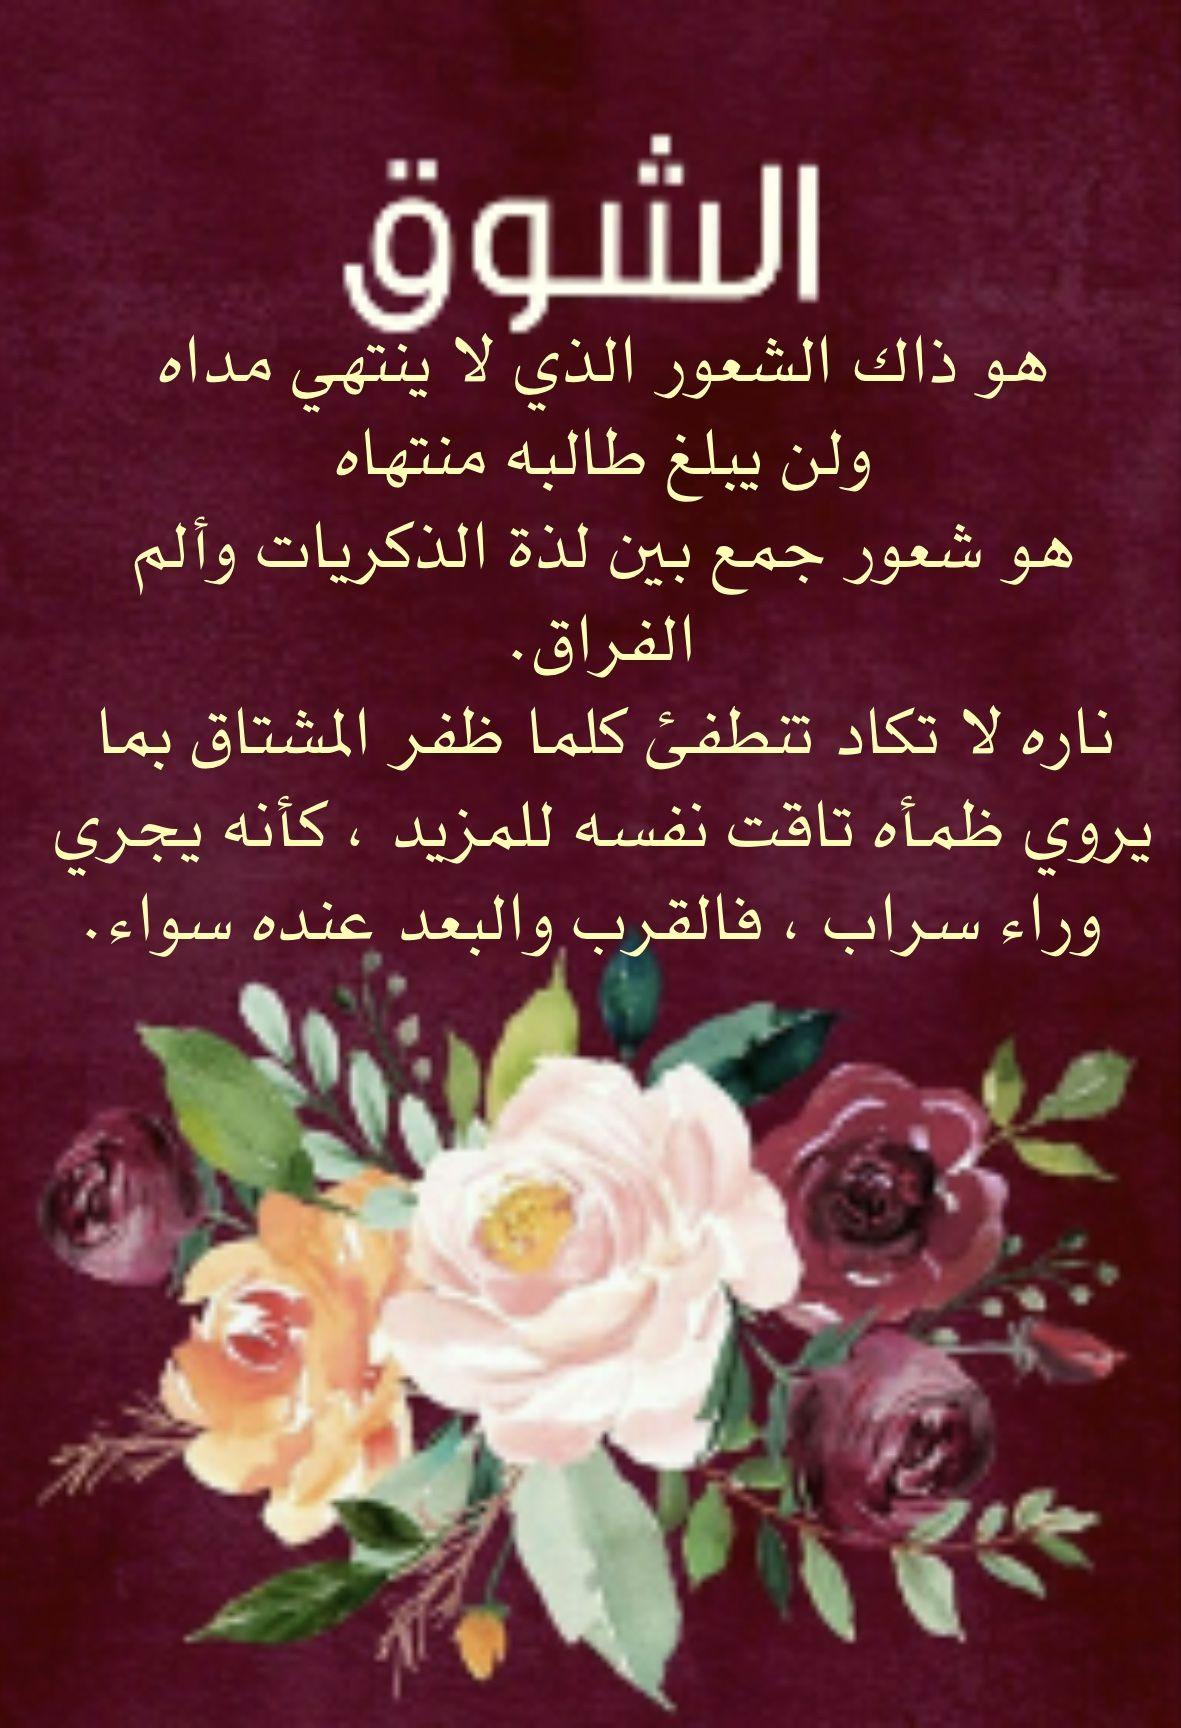 قالت له الشوق بالشوق والبادئ أظلم فأجابها الشوق بالدعاء والبوح للسماء والبادئ أكرم Amazing Flowers Beautiful Rose Flowers Love Flowers